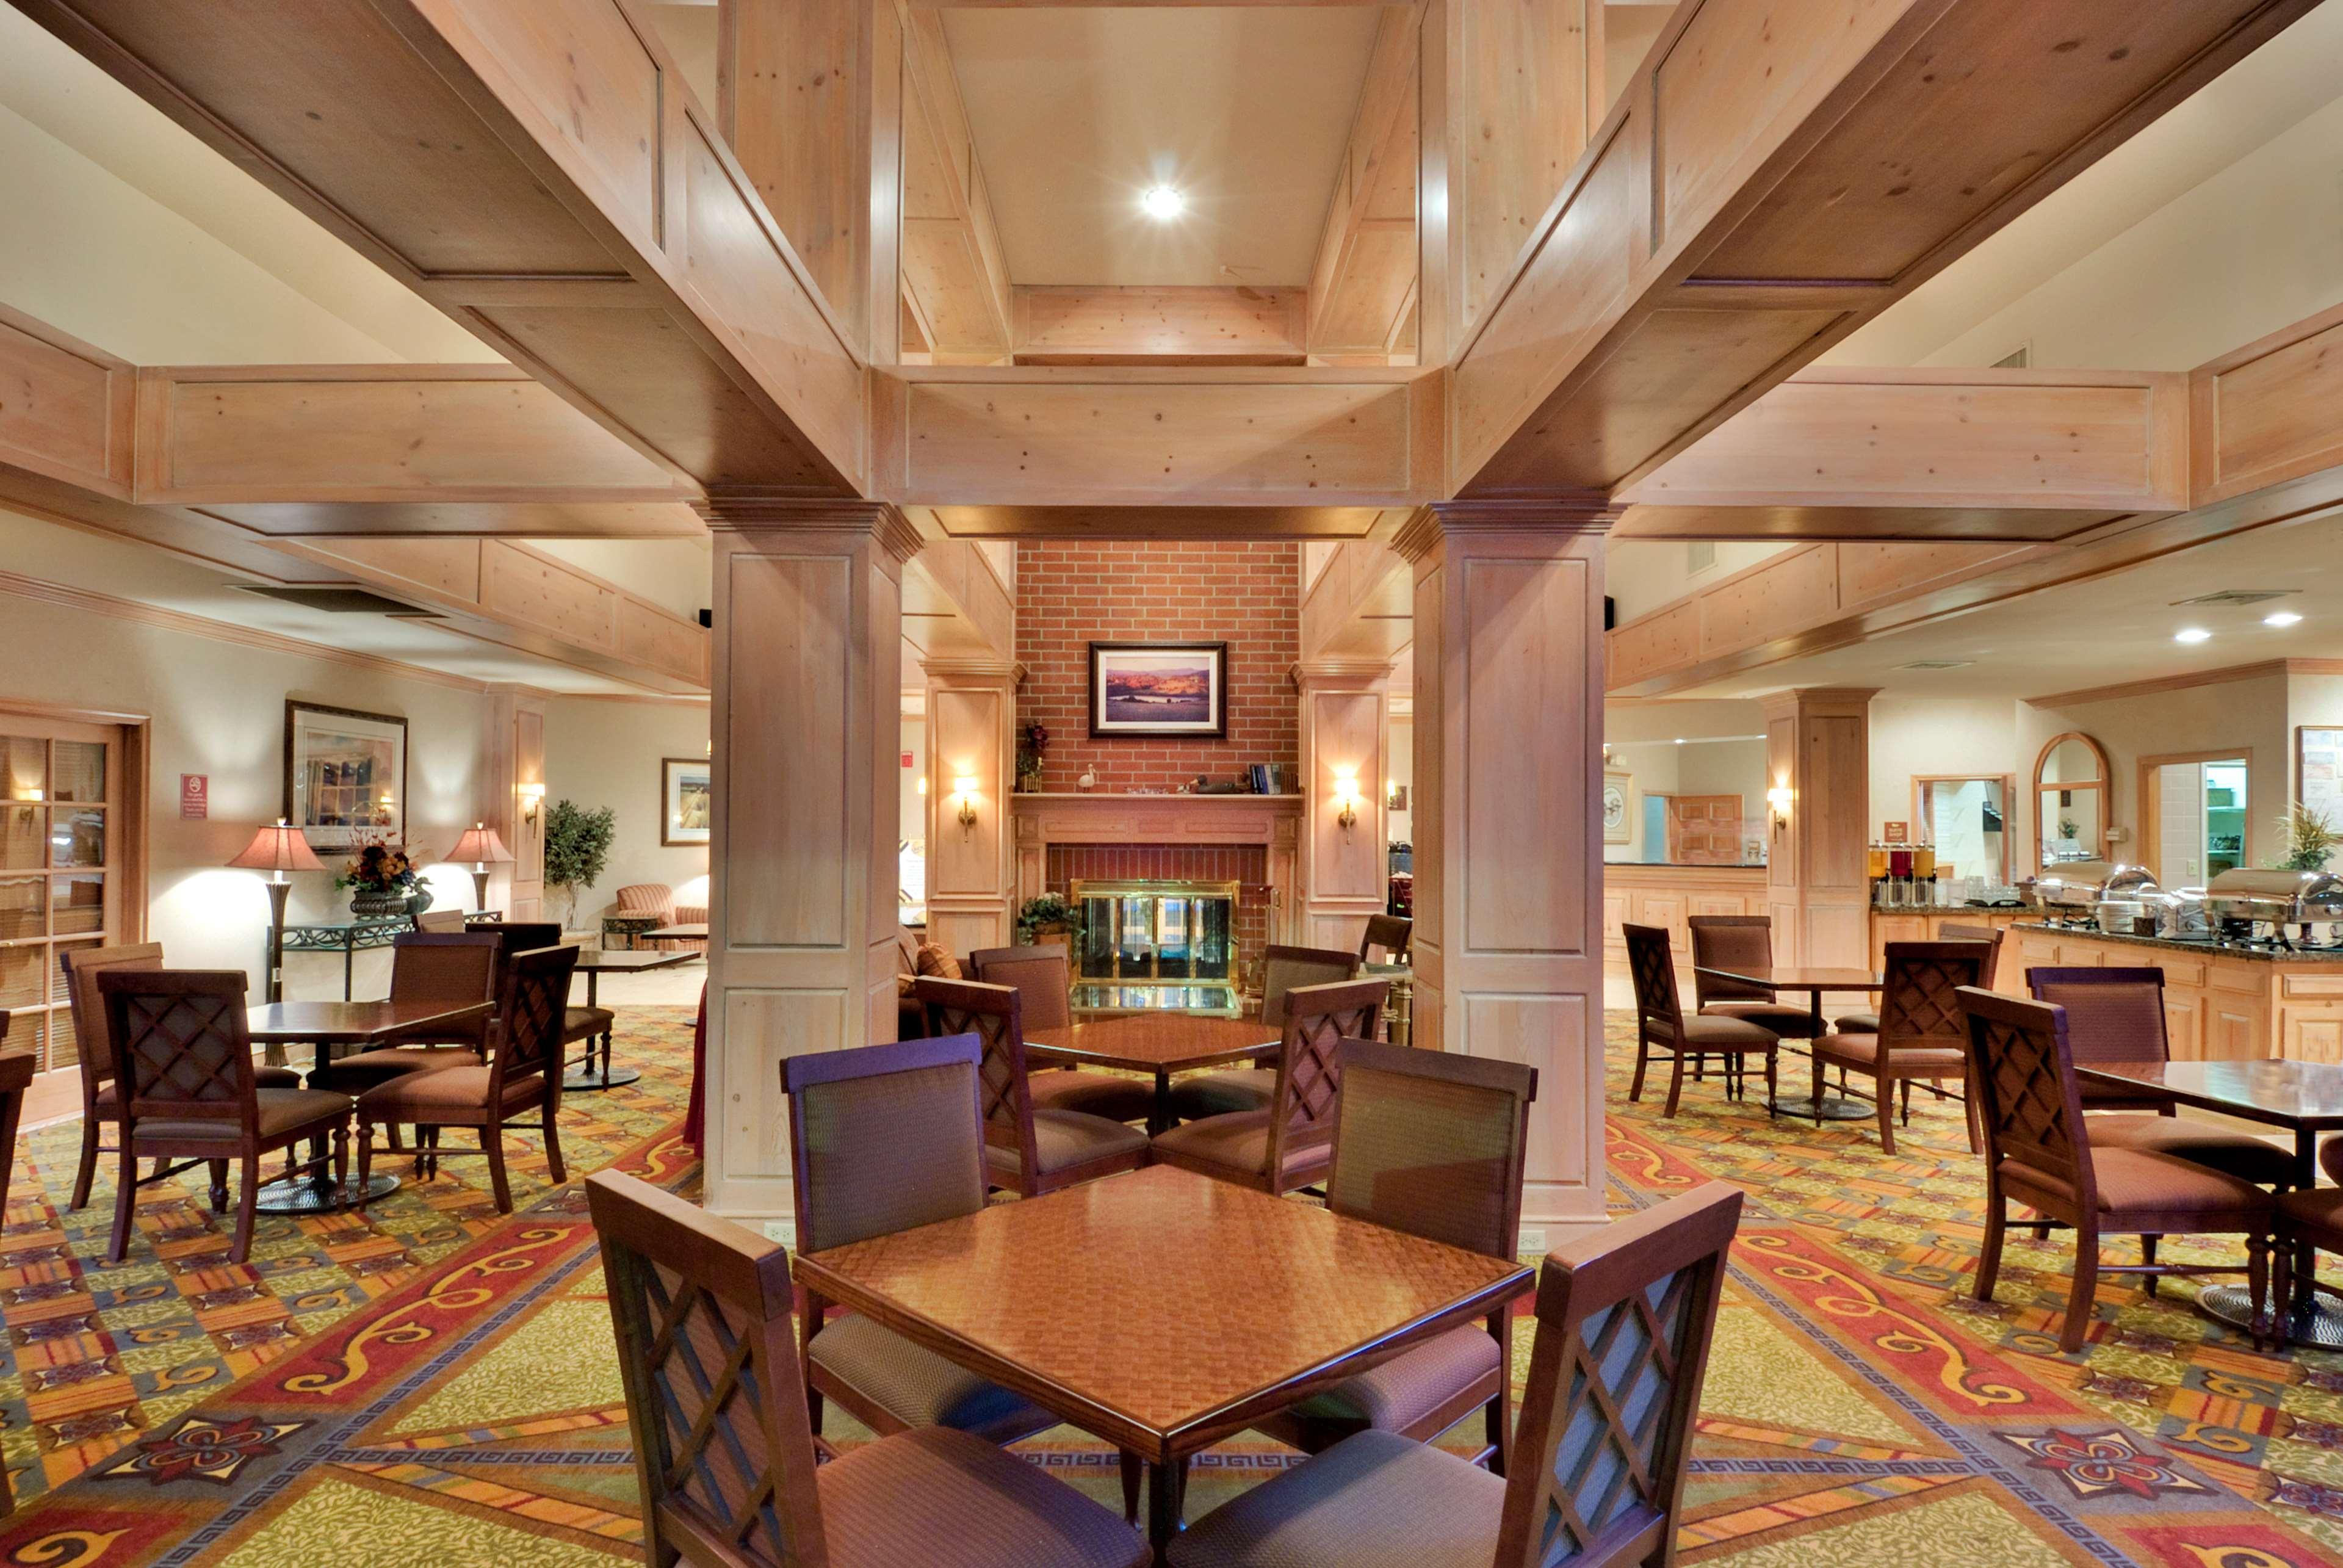 Homewood Suites by Hilton - Boulder image 4